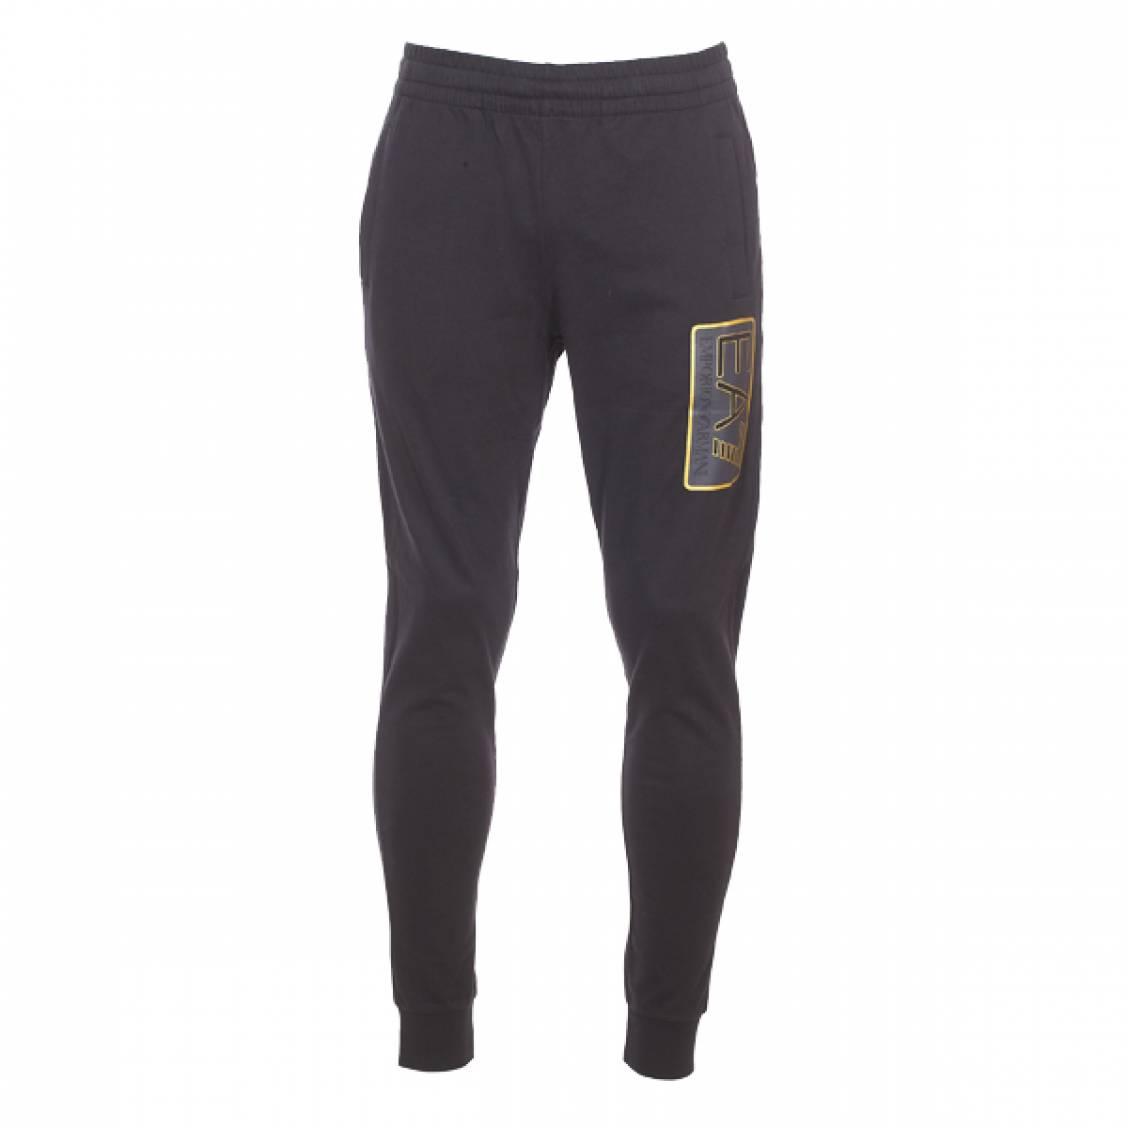 Pantalon de jogging EA7 en c4c3c6eab95f